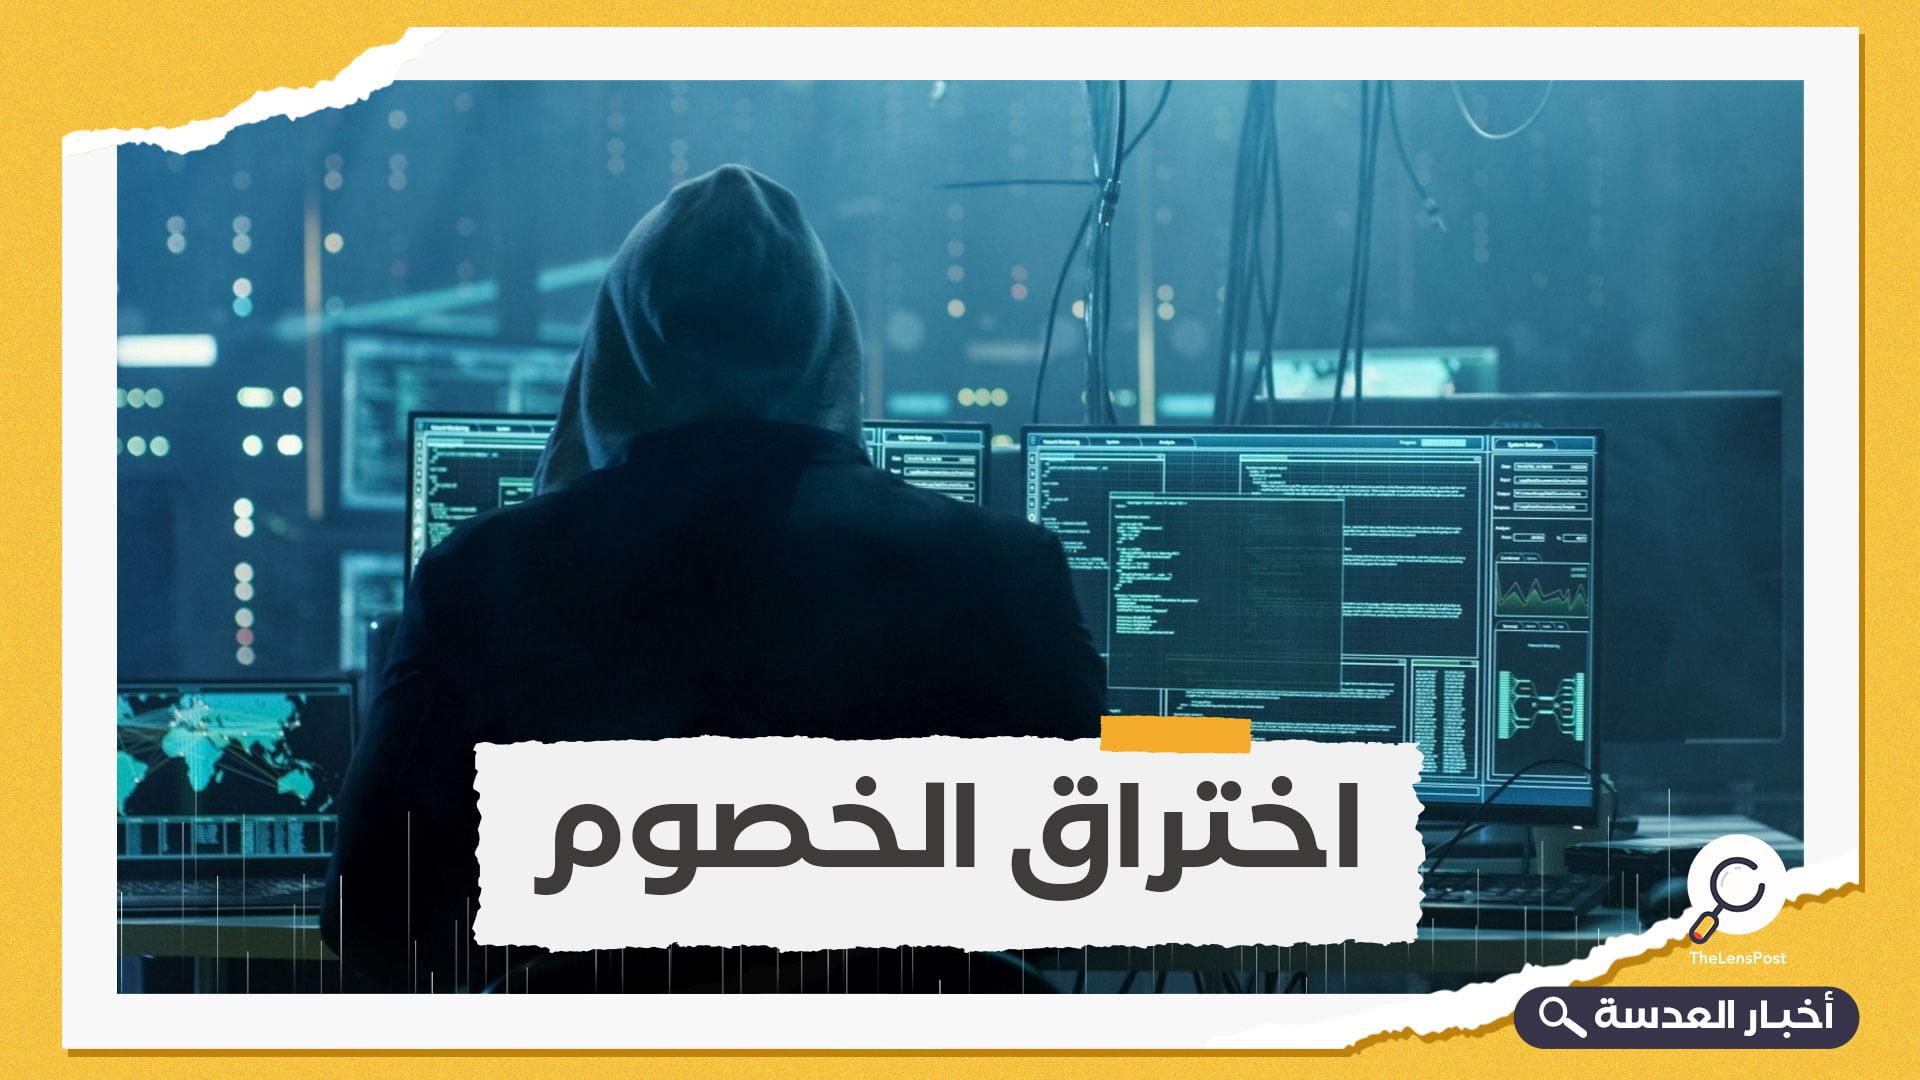 عمالة وتجسس.. هكذا اخترقت الإمارات هواتف 36 صحفيا عربيا بمساعدة إسرائيل